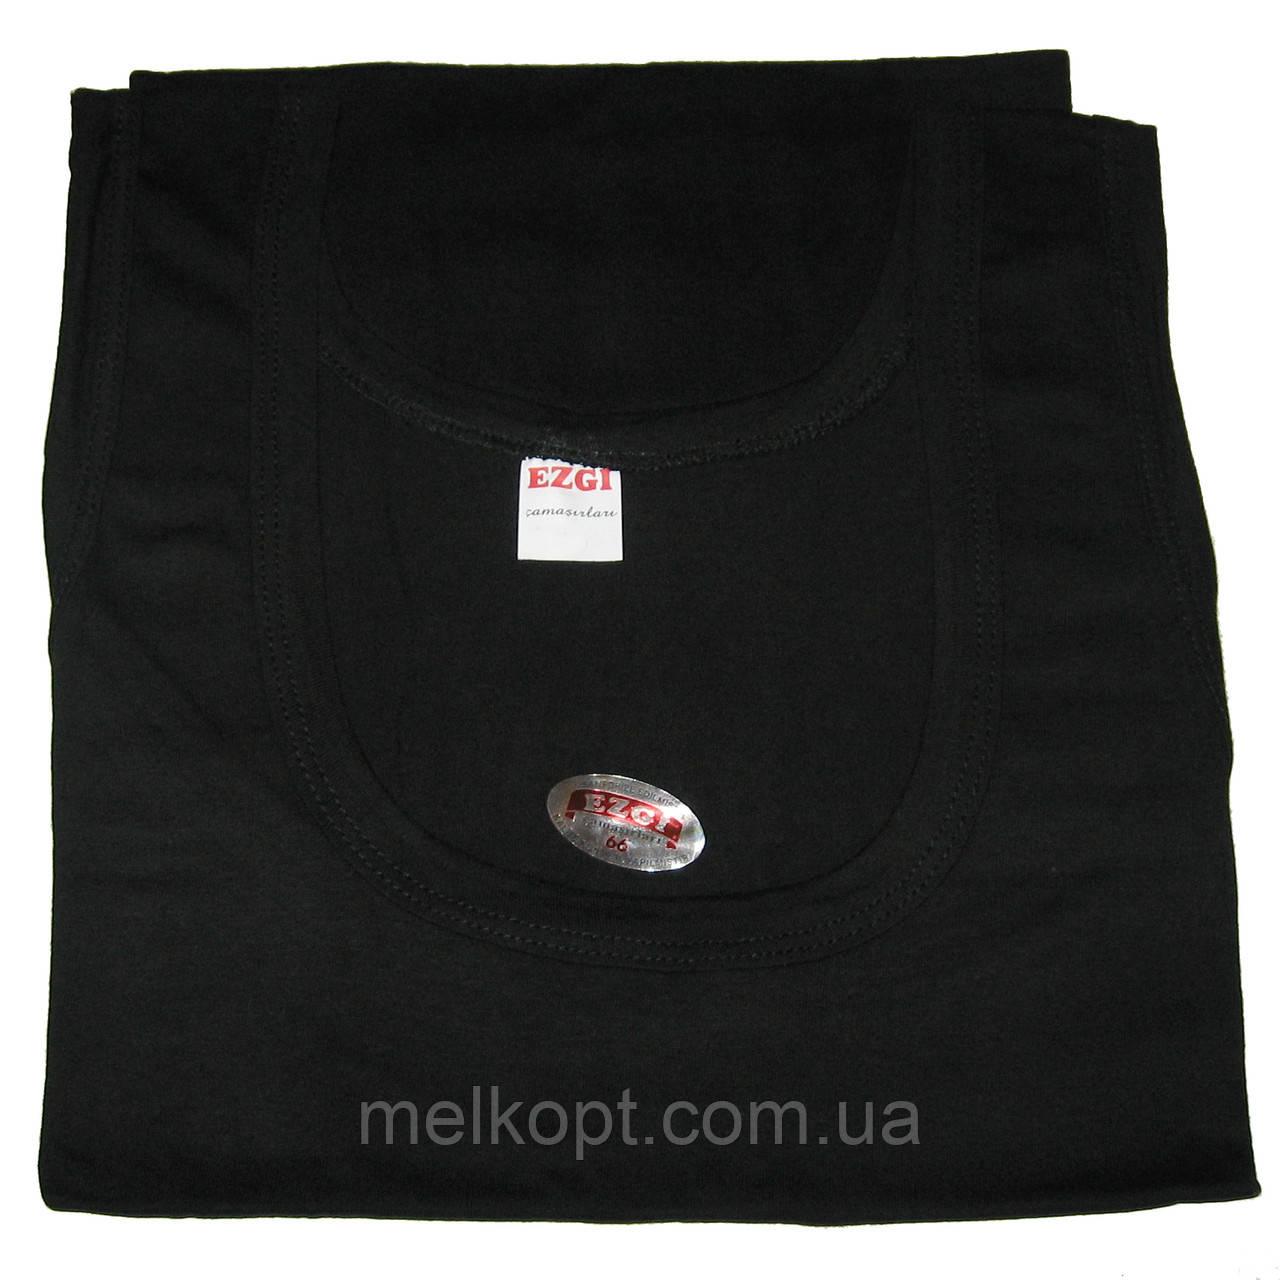 Мужские майки Ezgi - 56,00 грн./шт. (75-й размер, черные)